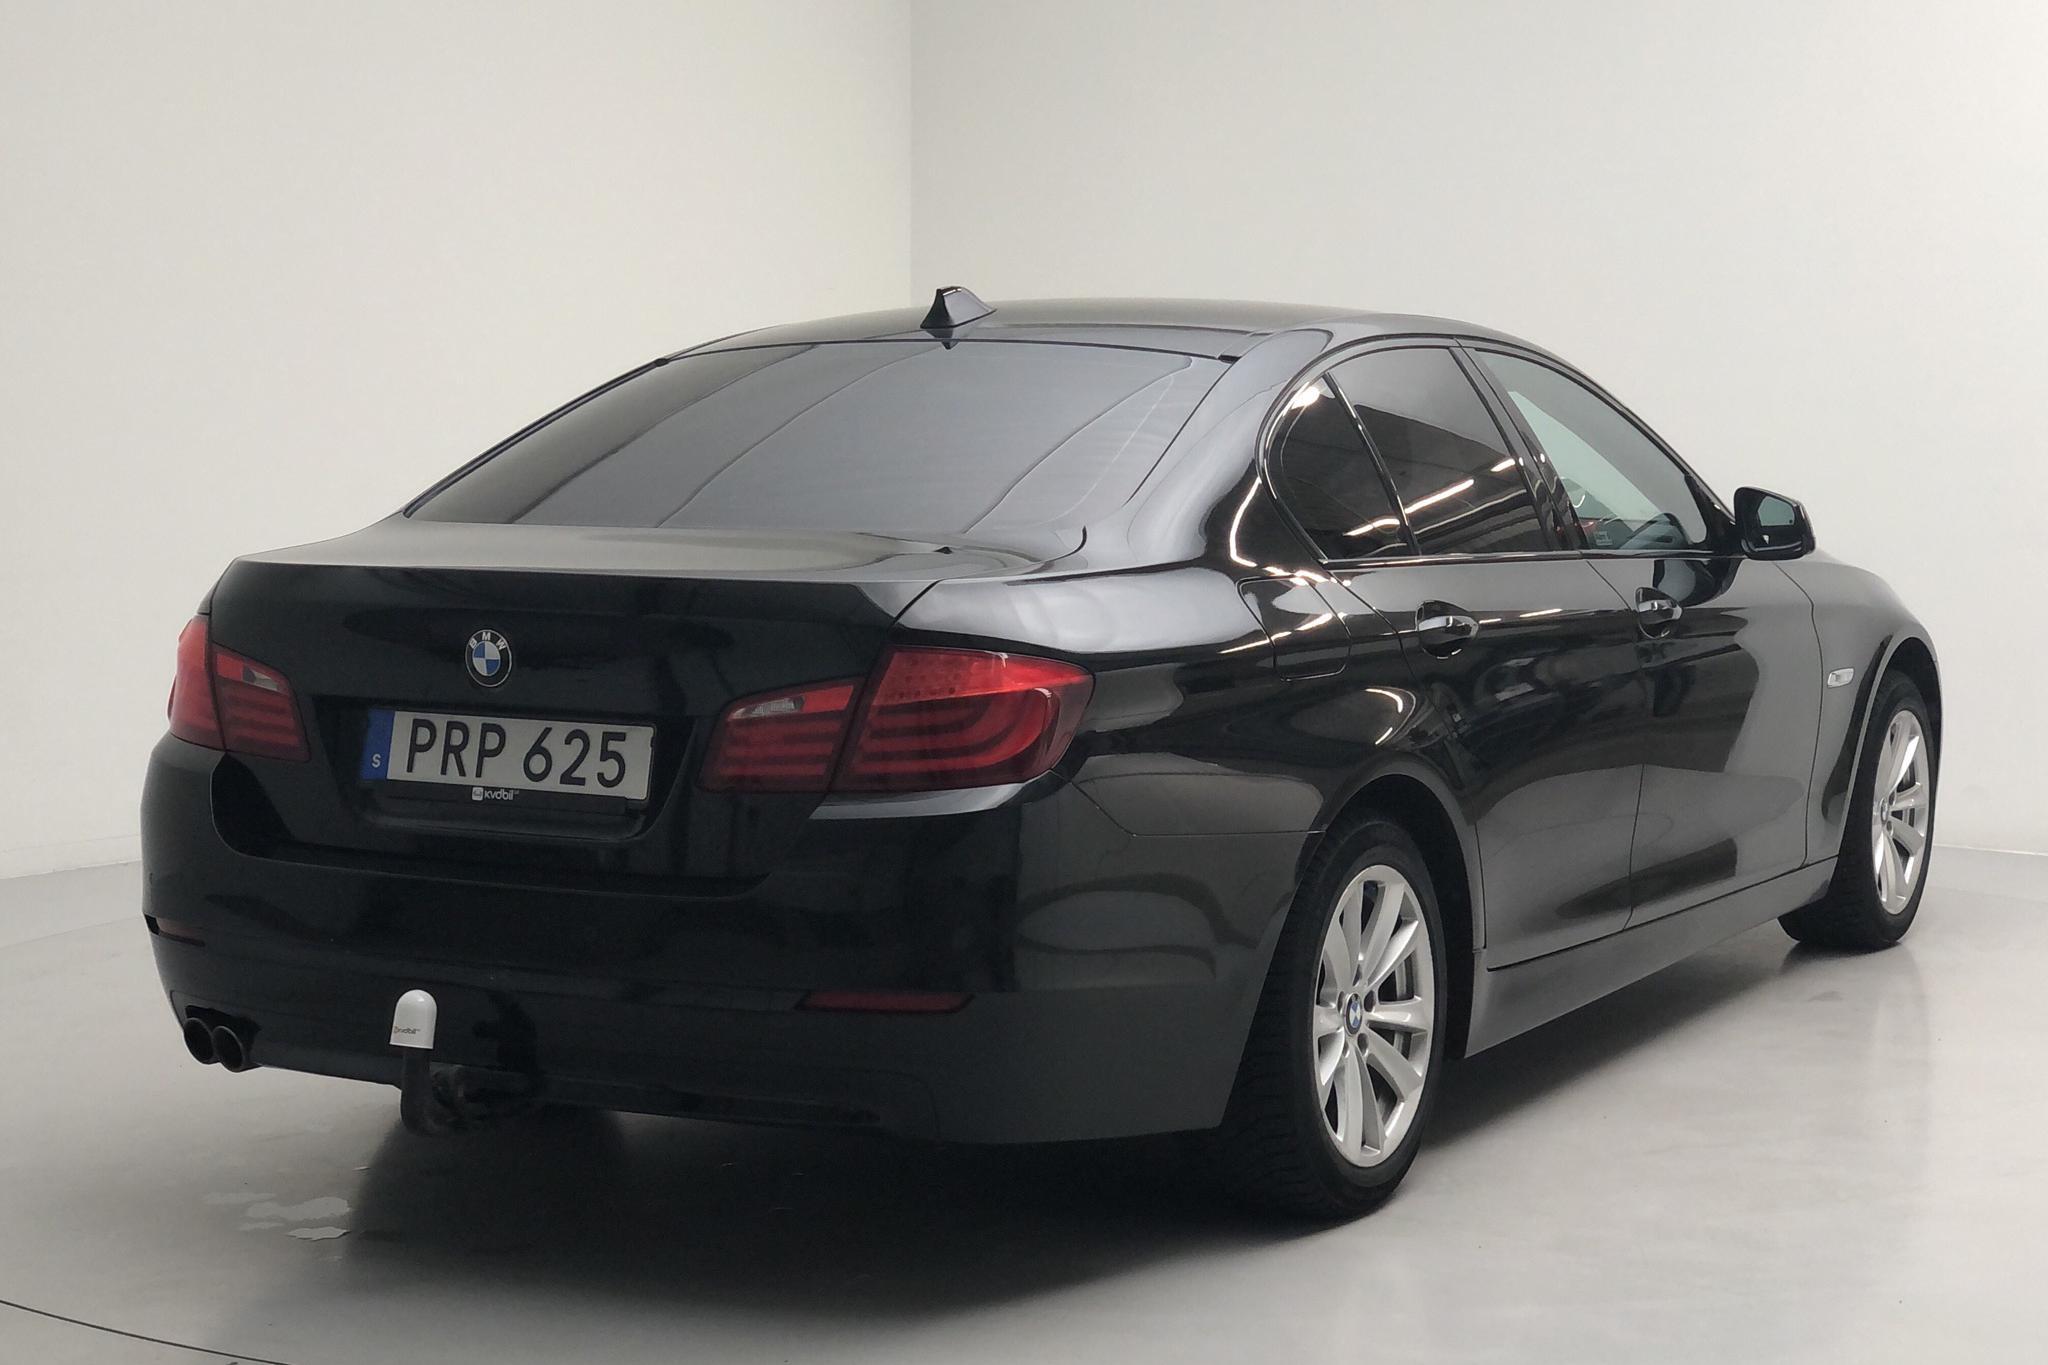 BMW 520d Sedan, F10 (184hk) - 19 679 mil - Automat - svart - 2012